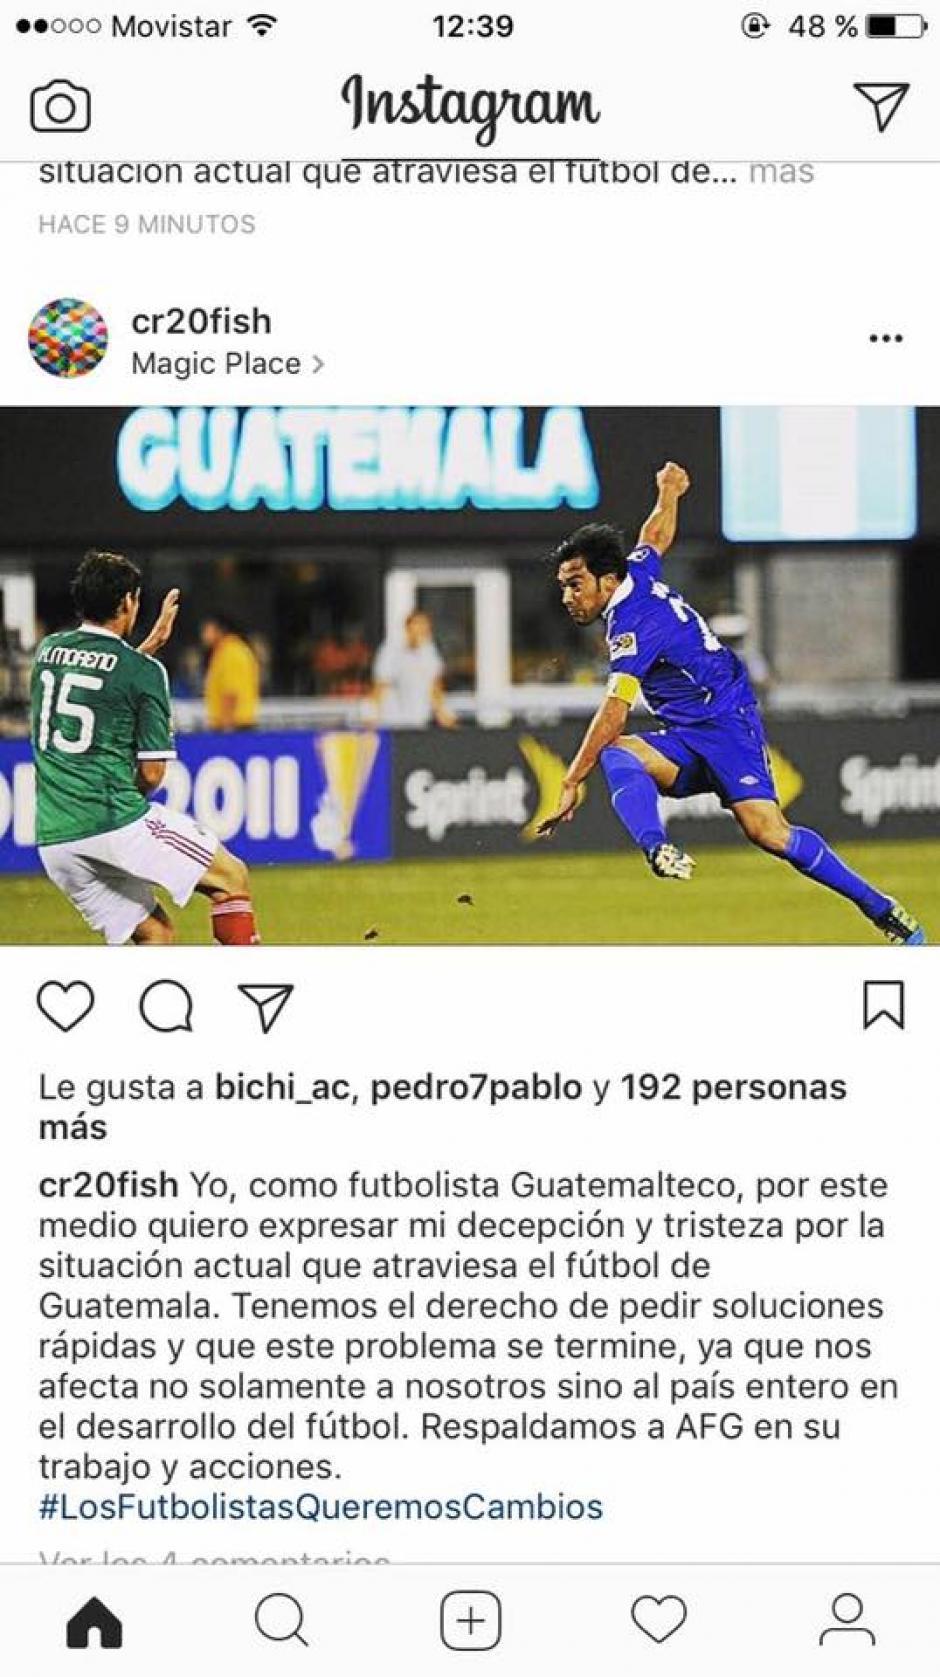 Carlos Ruiz inició este movimiento que se está volviendo viral. (Foto: Instagram)